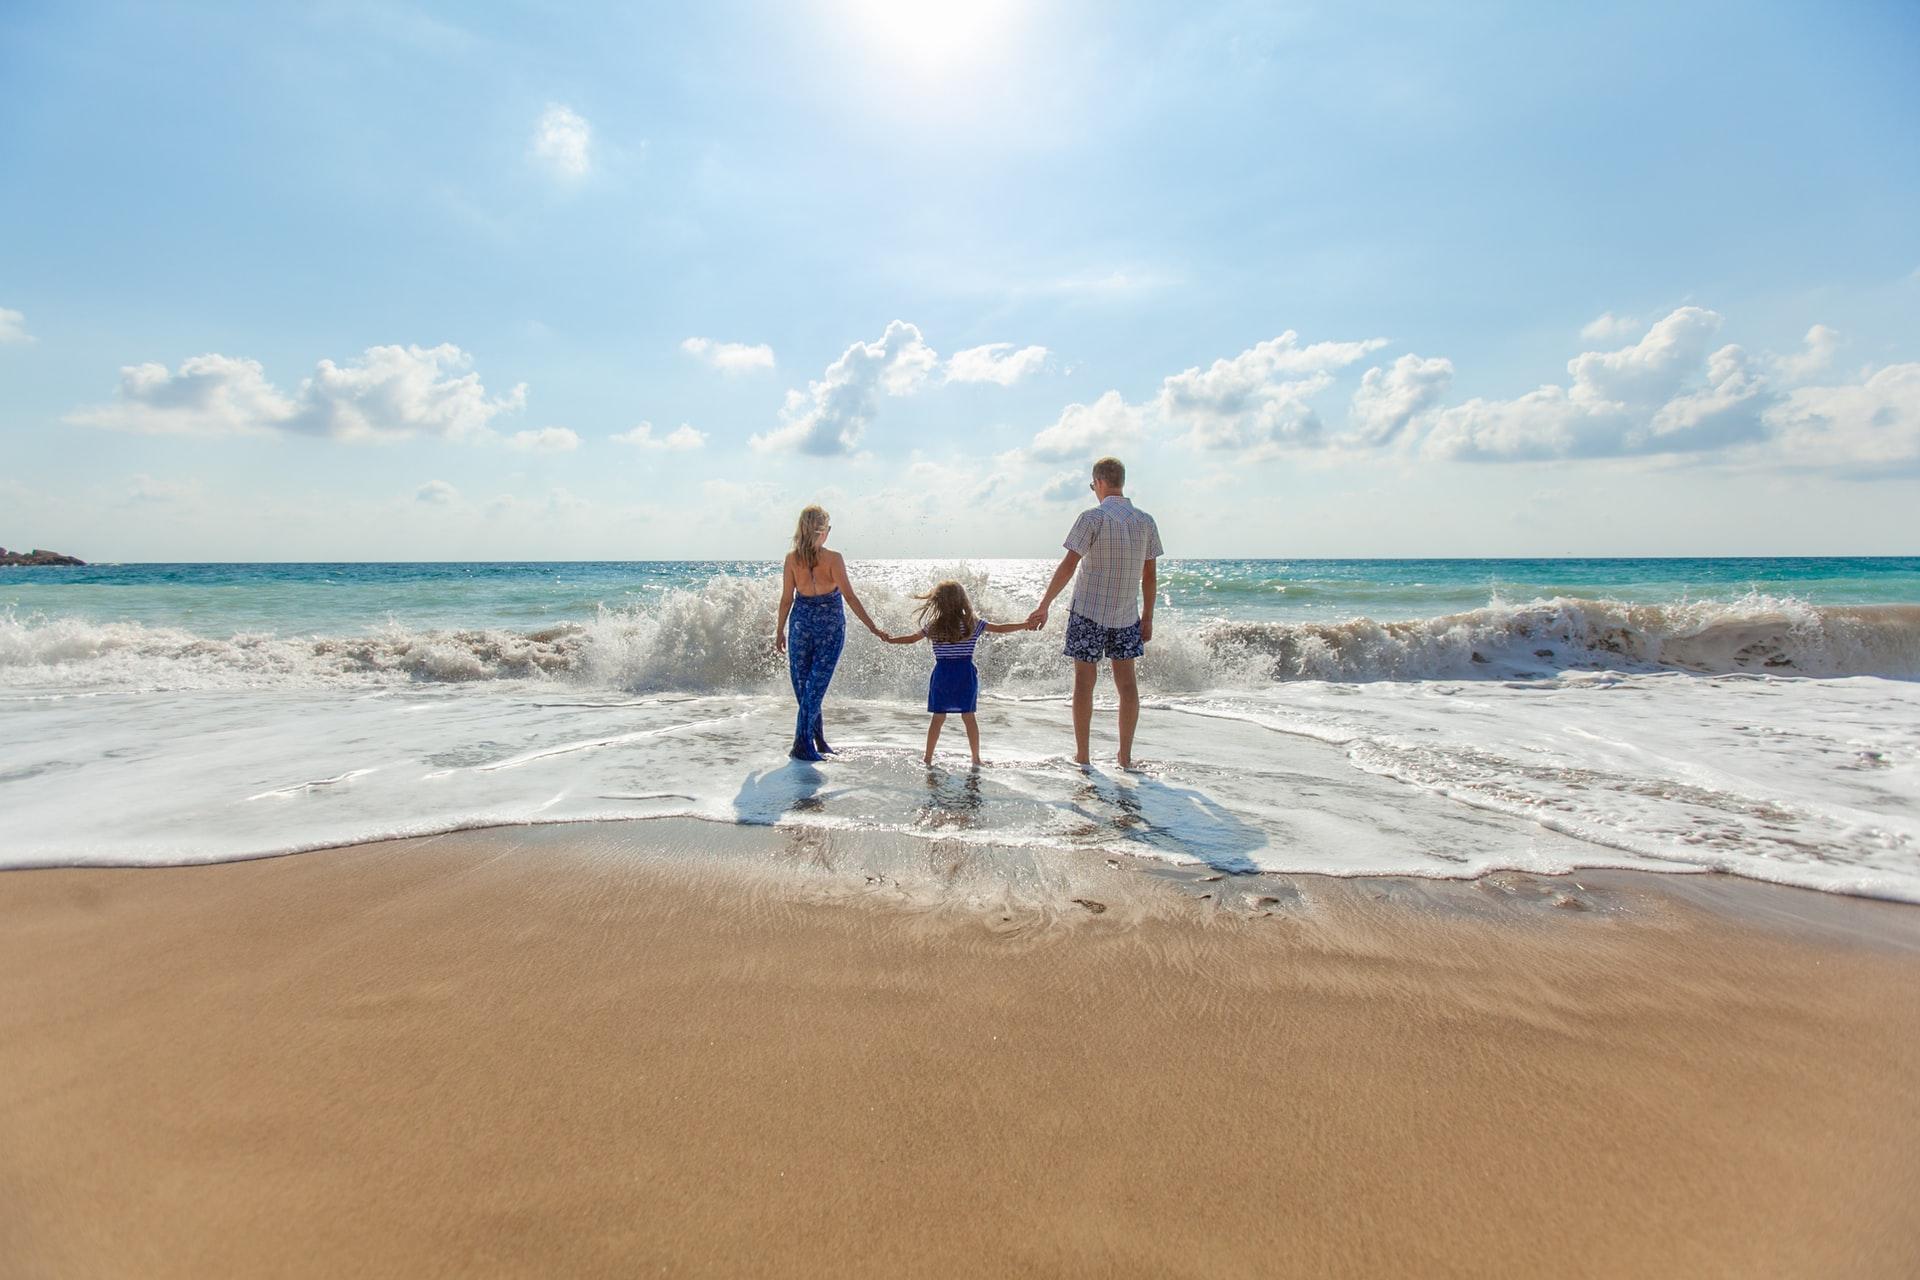 Drag billigt afsted på udlandsrejse